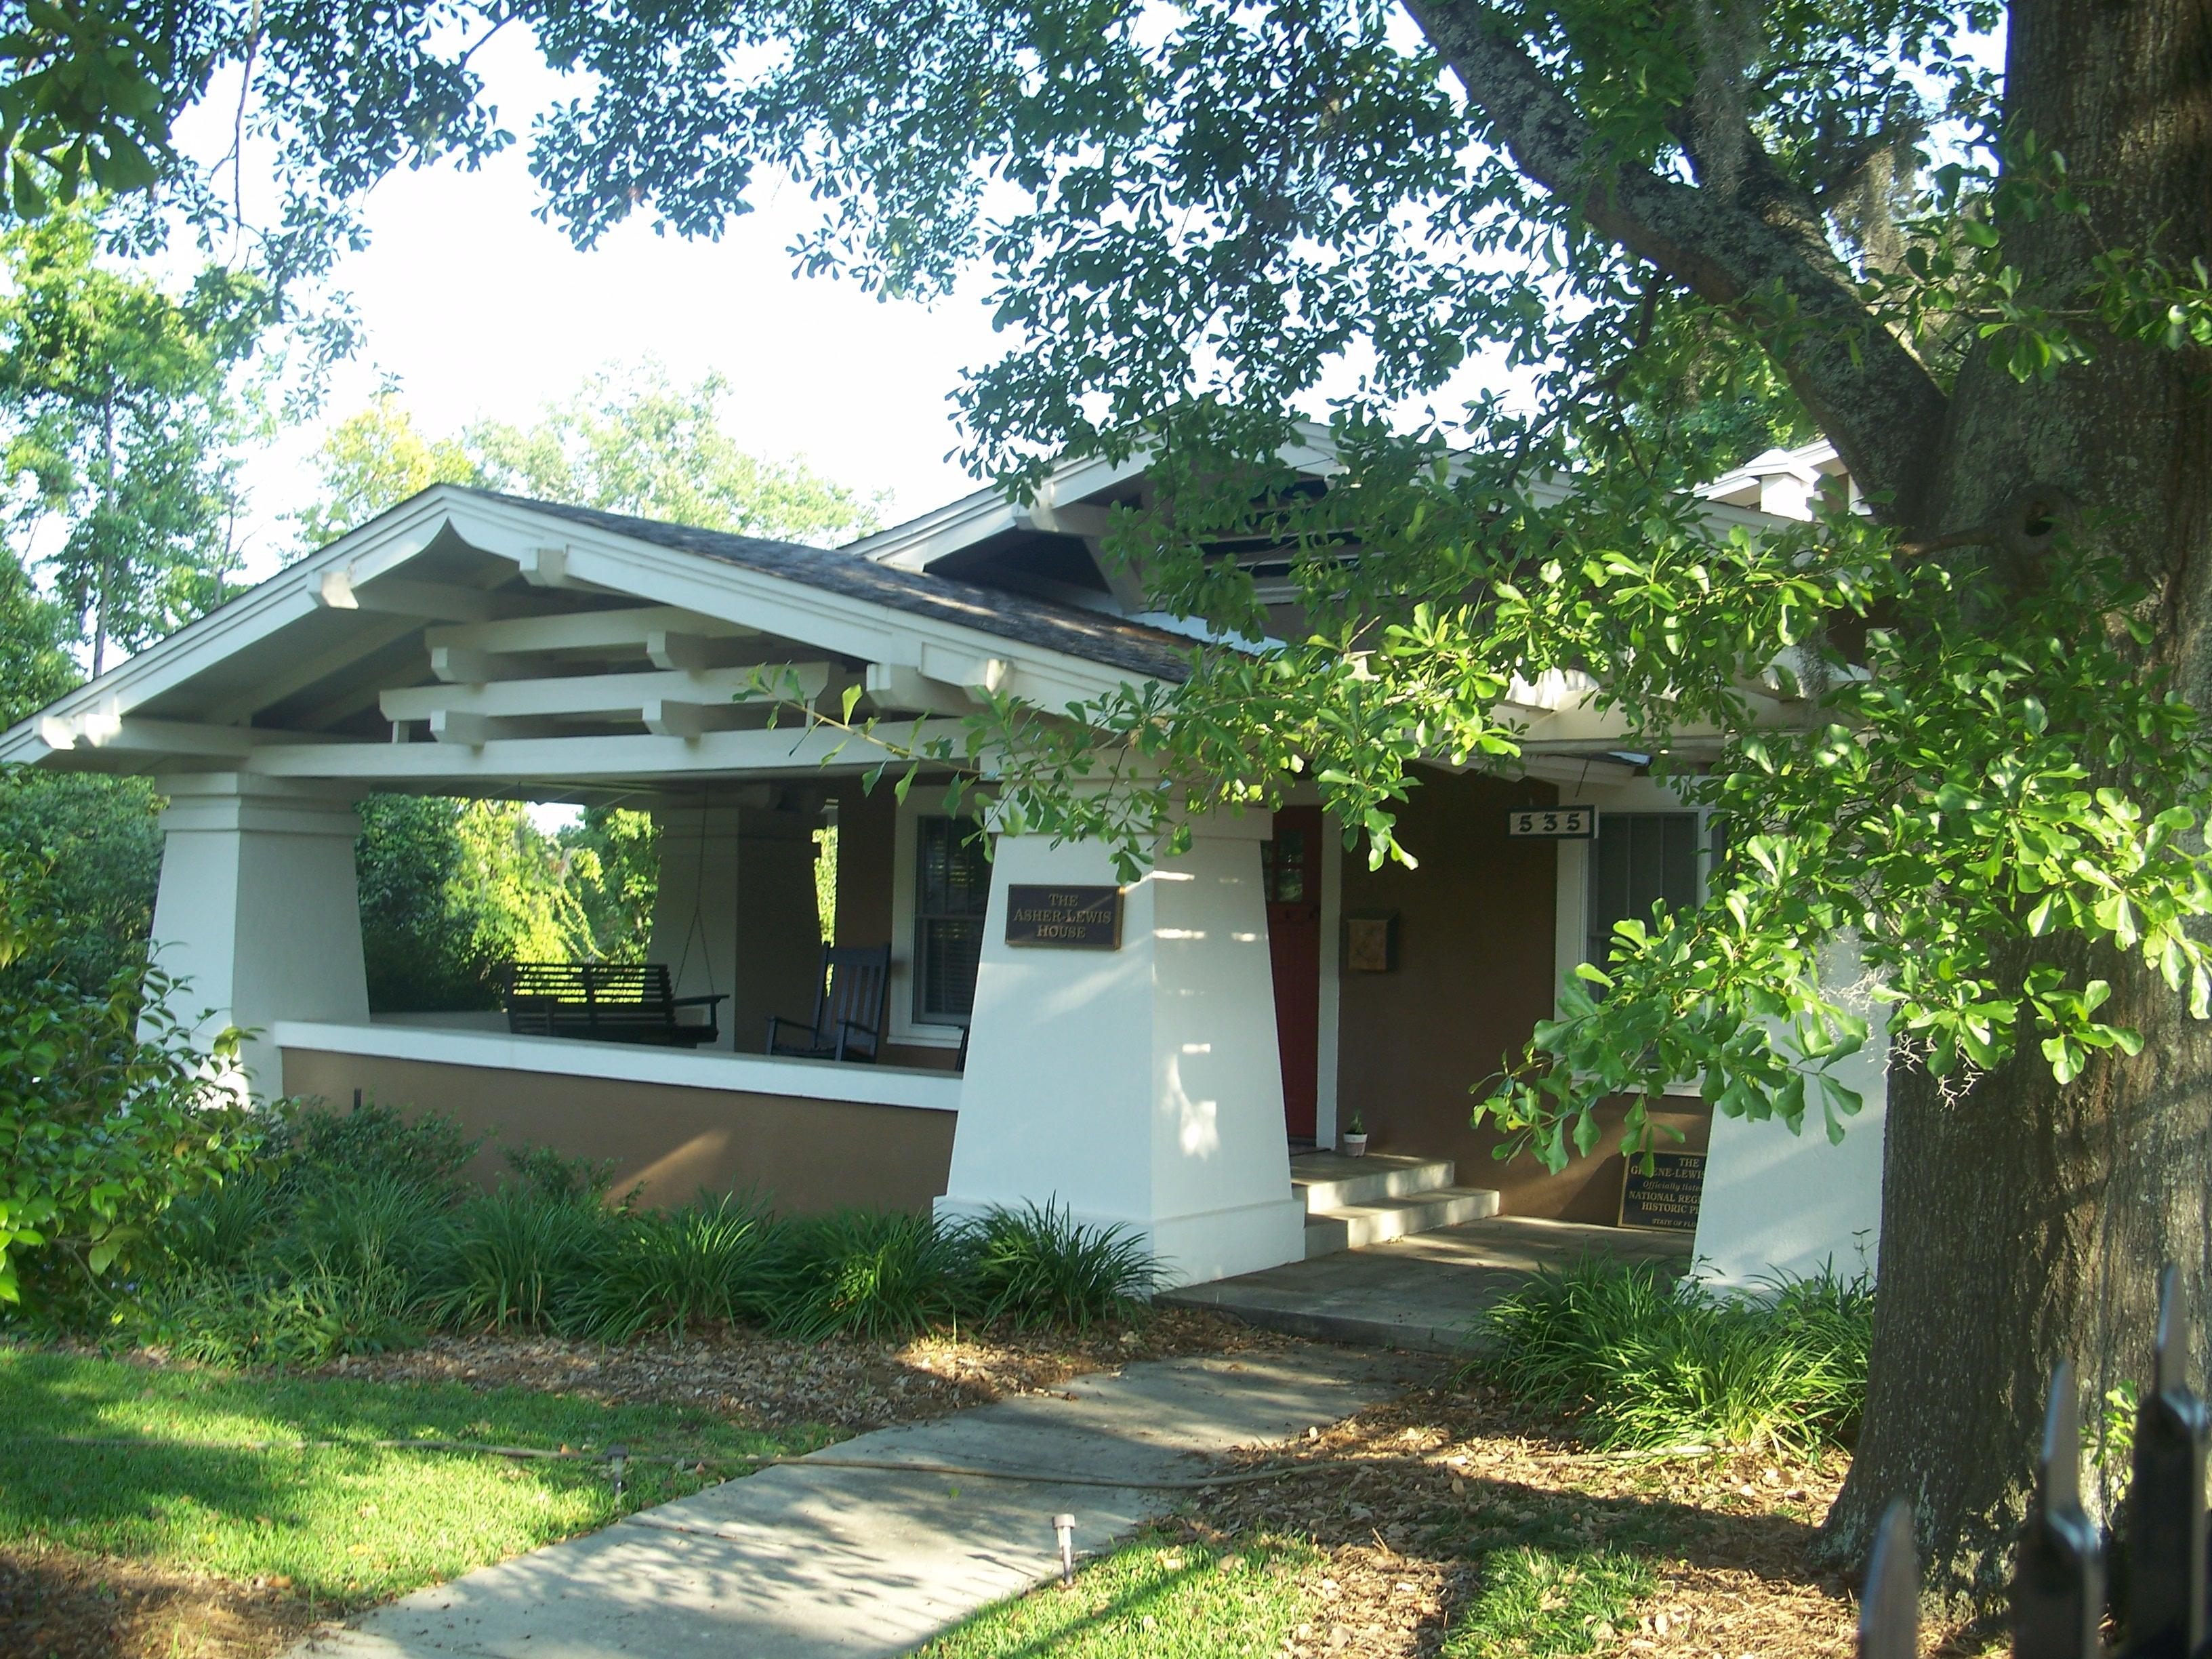 Greene and greene houses - File Tallahassee Fl Fsu Greene Lewis House01 Jpg Wikimedia Commons